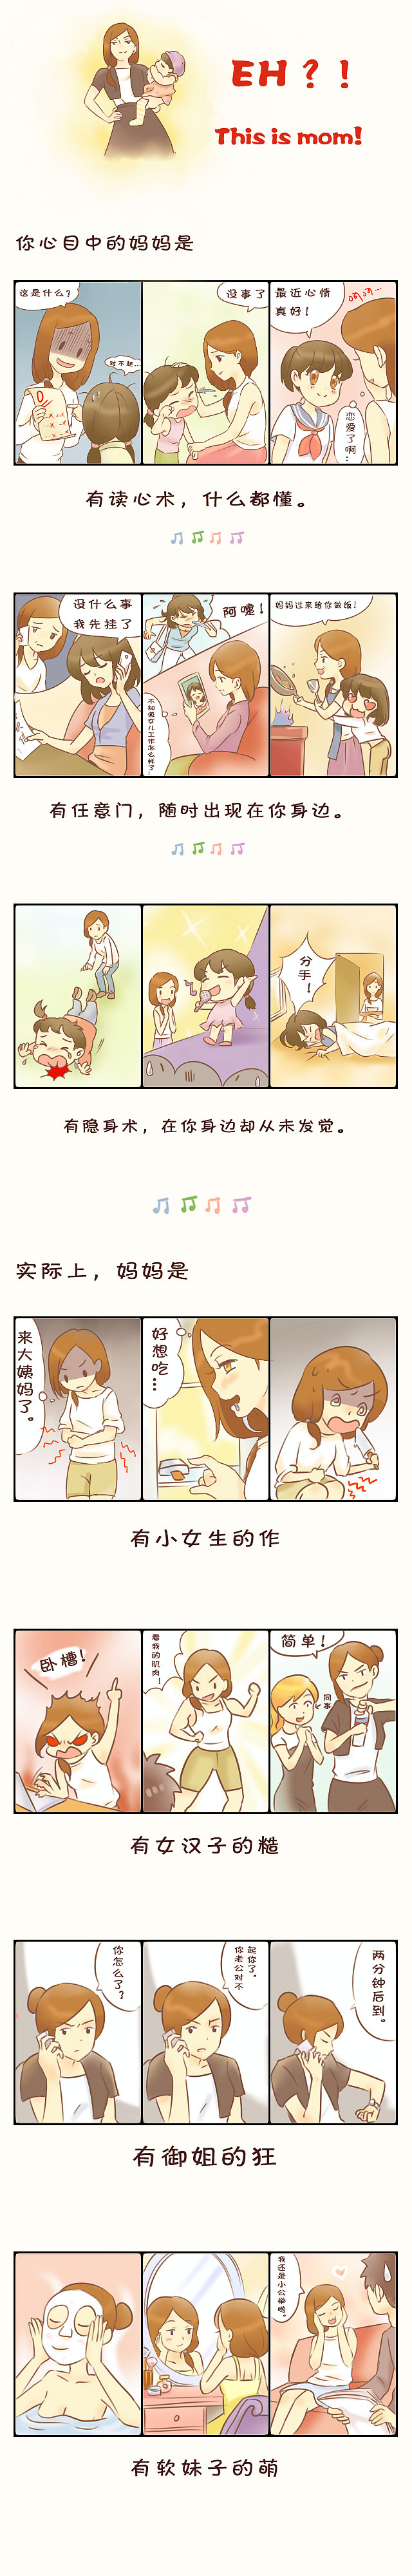 母亲节长篇漫画|短篇/四格漫画|动漫|王缇